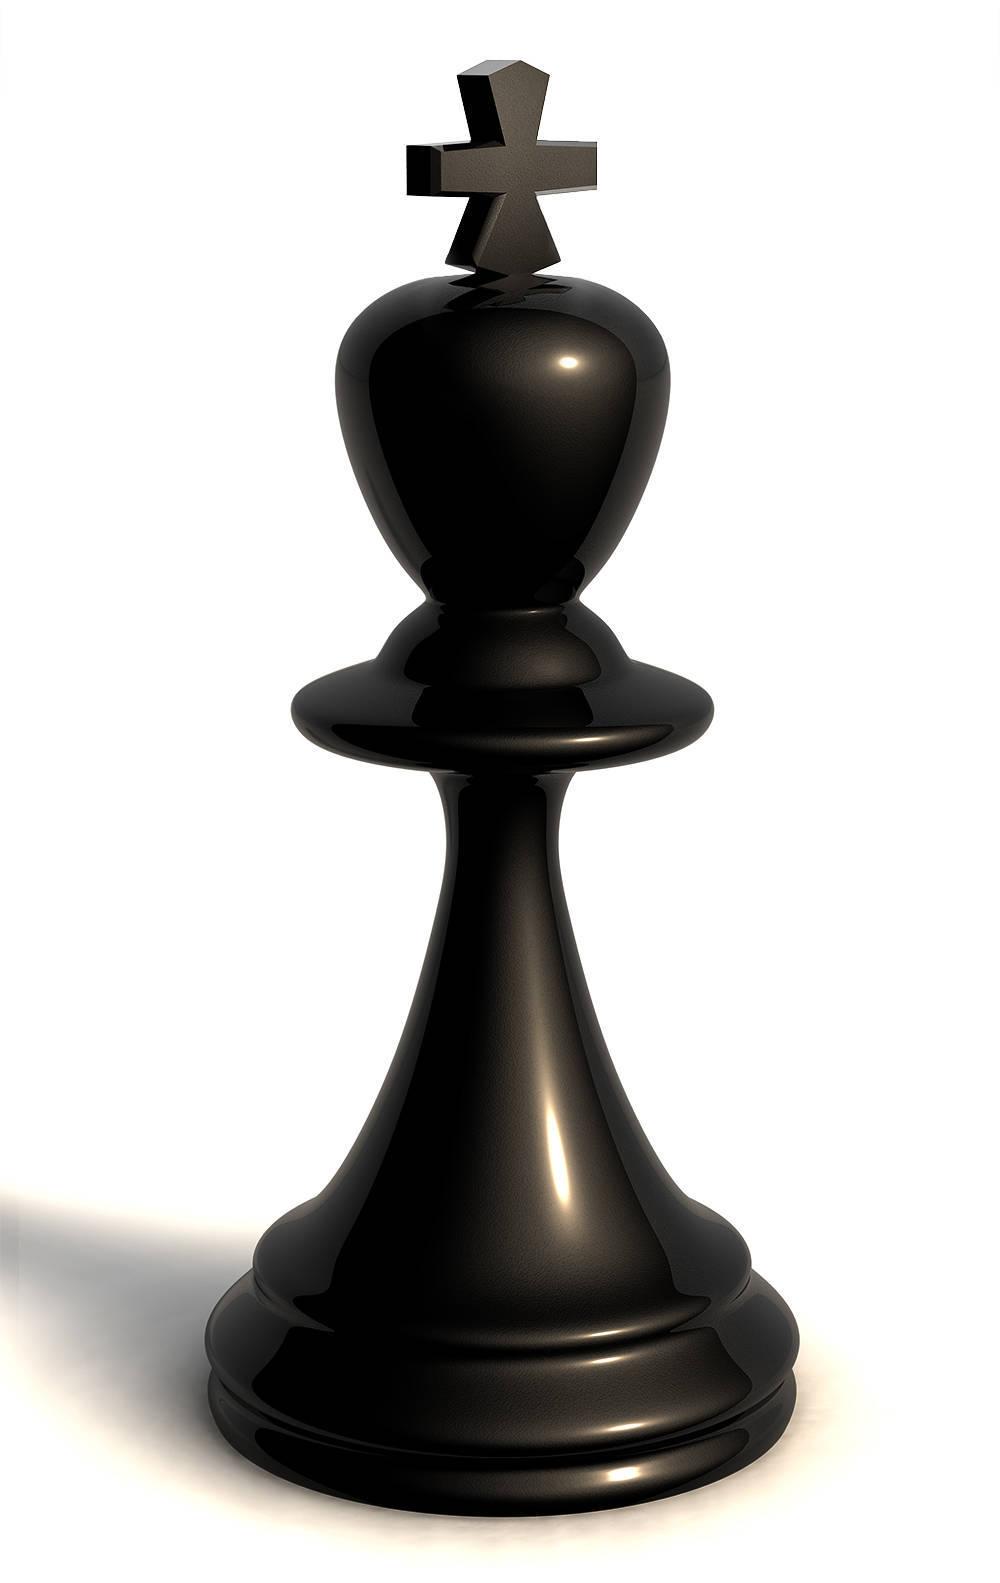 764ff4d3e73337b7e74e_chess_king.jpg